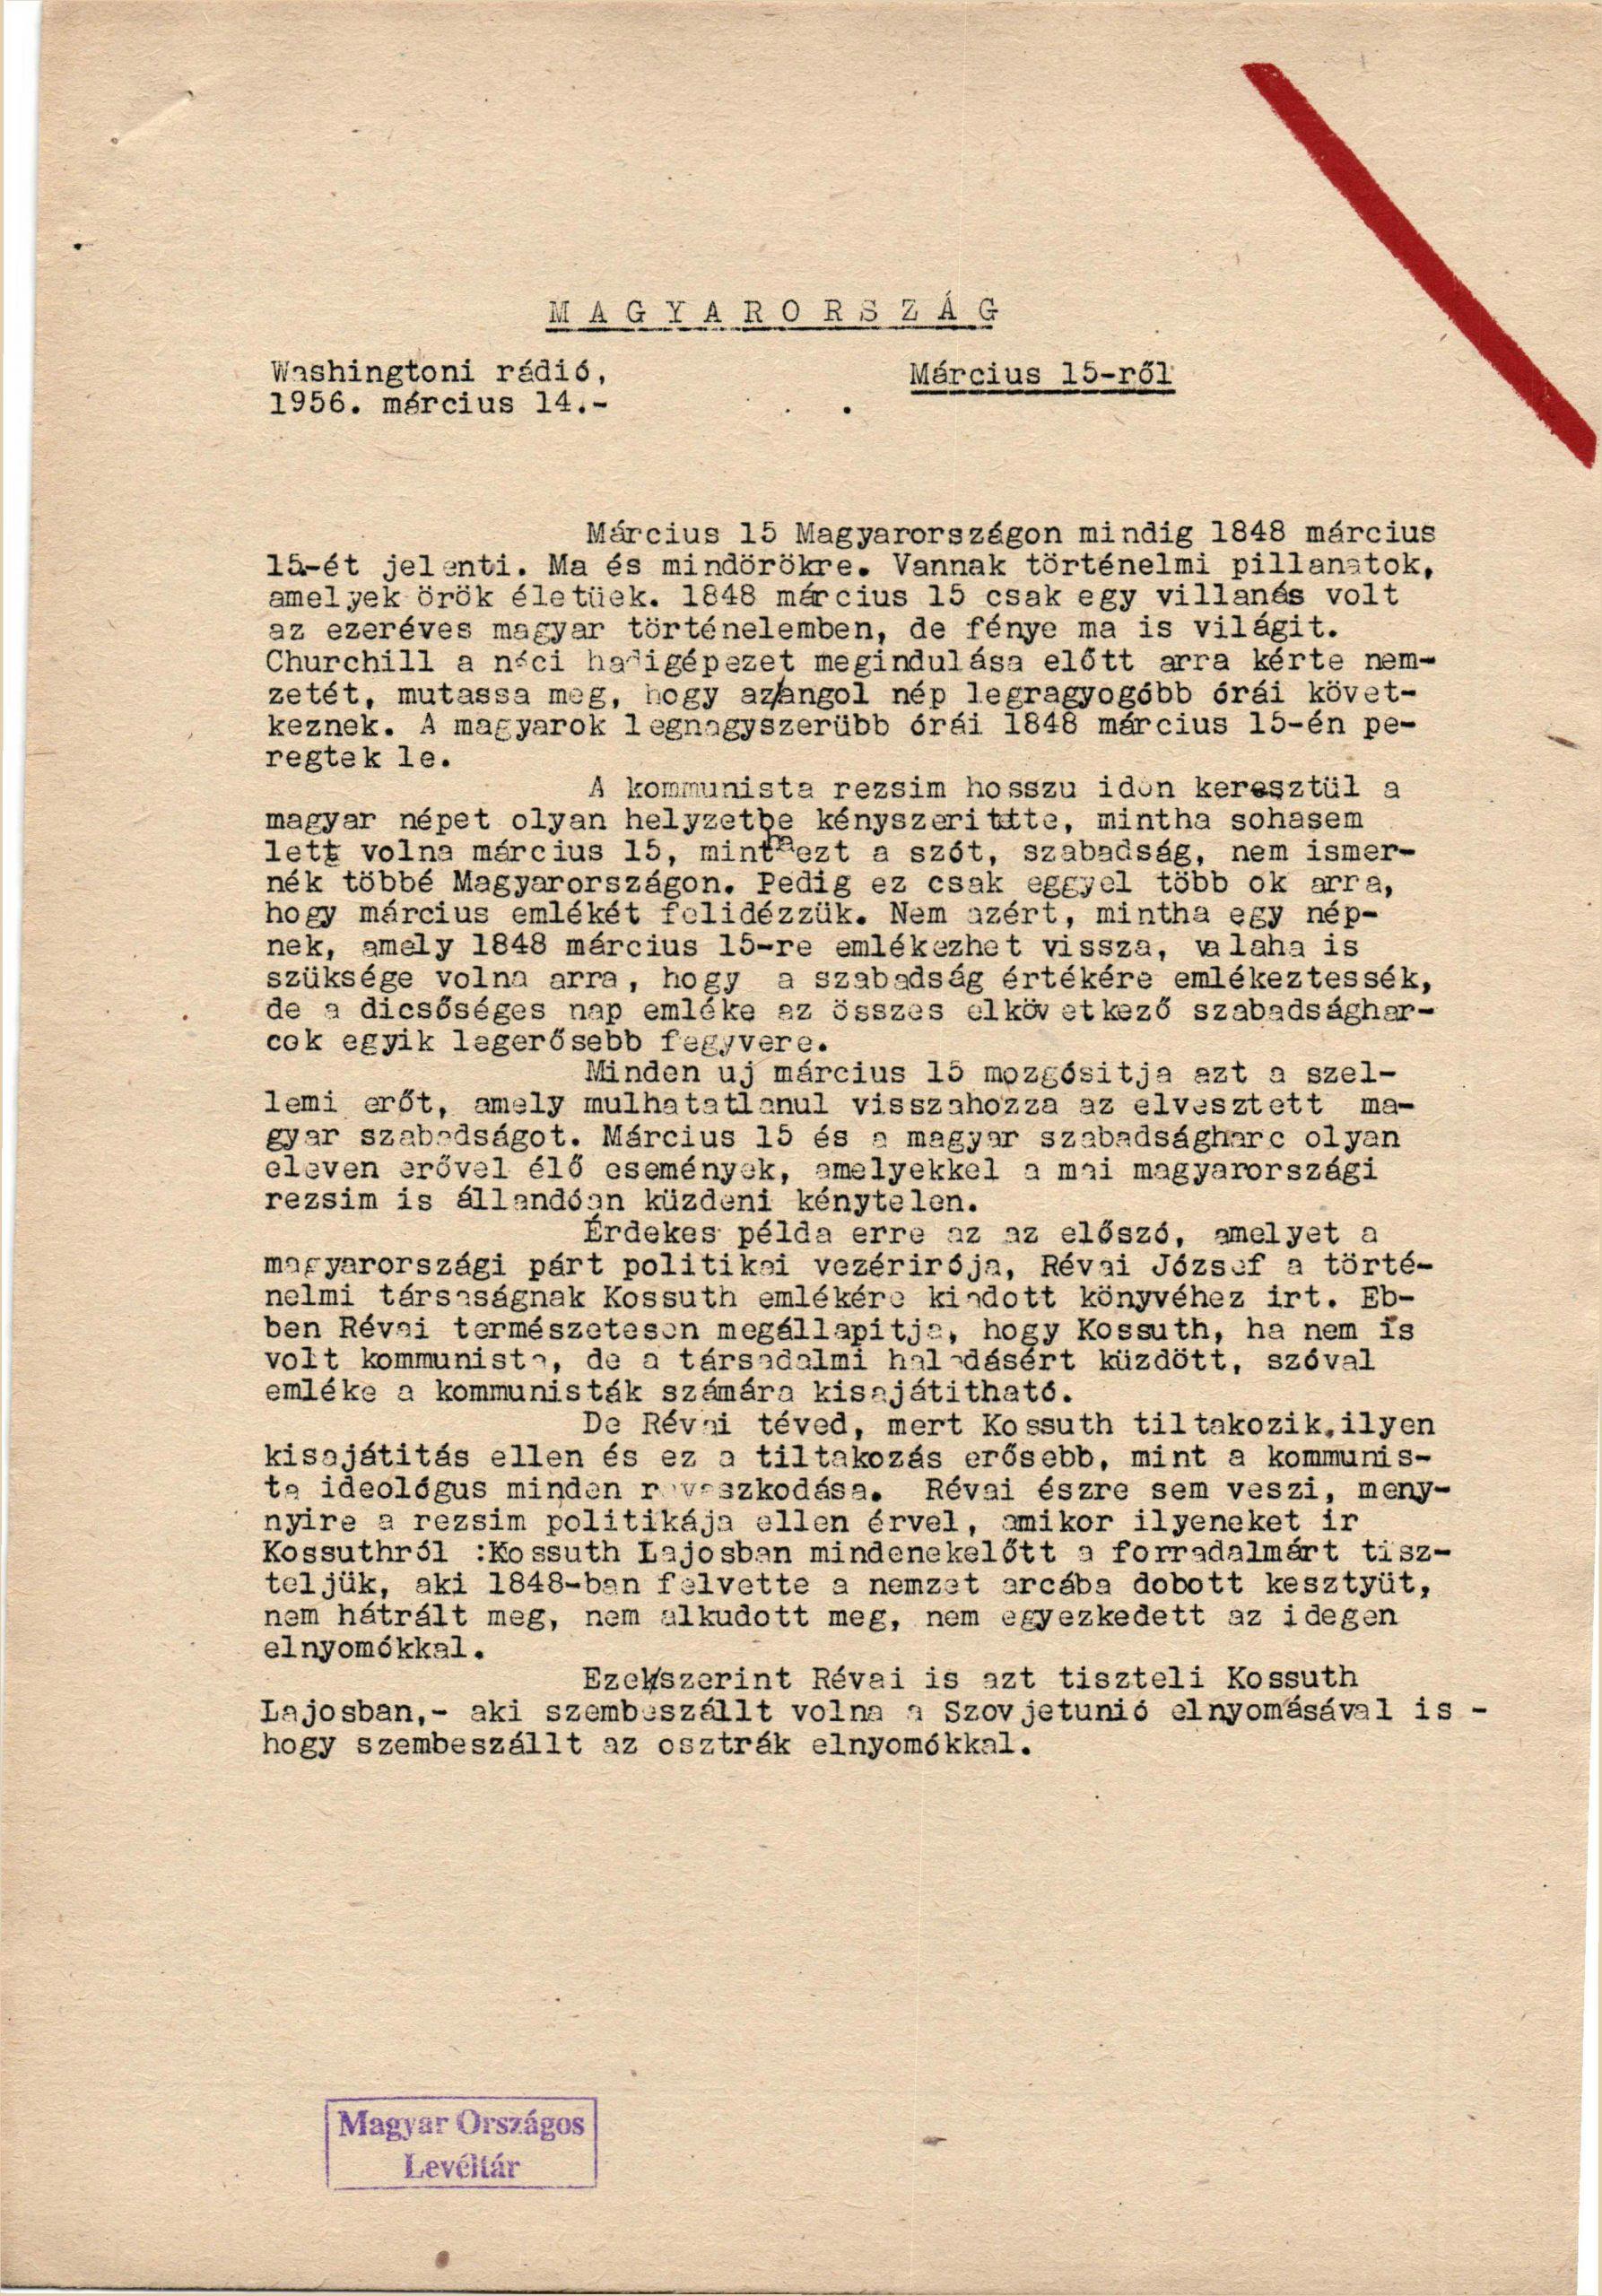 Szigorúan bizalmas! – 1956 március 15-ei követelések. Részlet